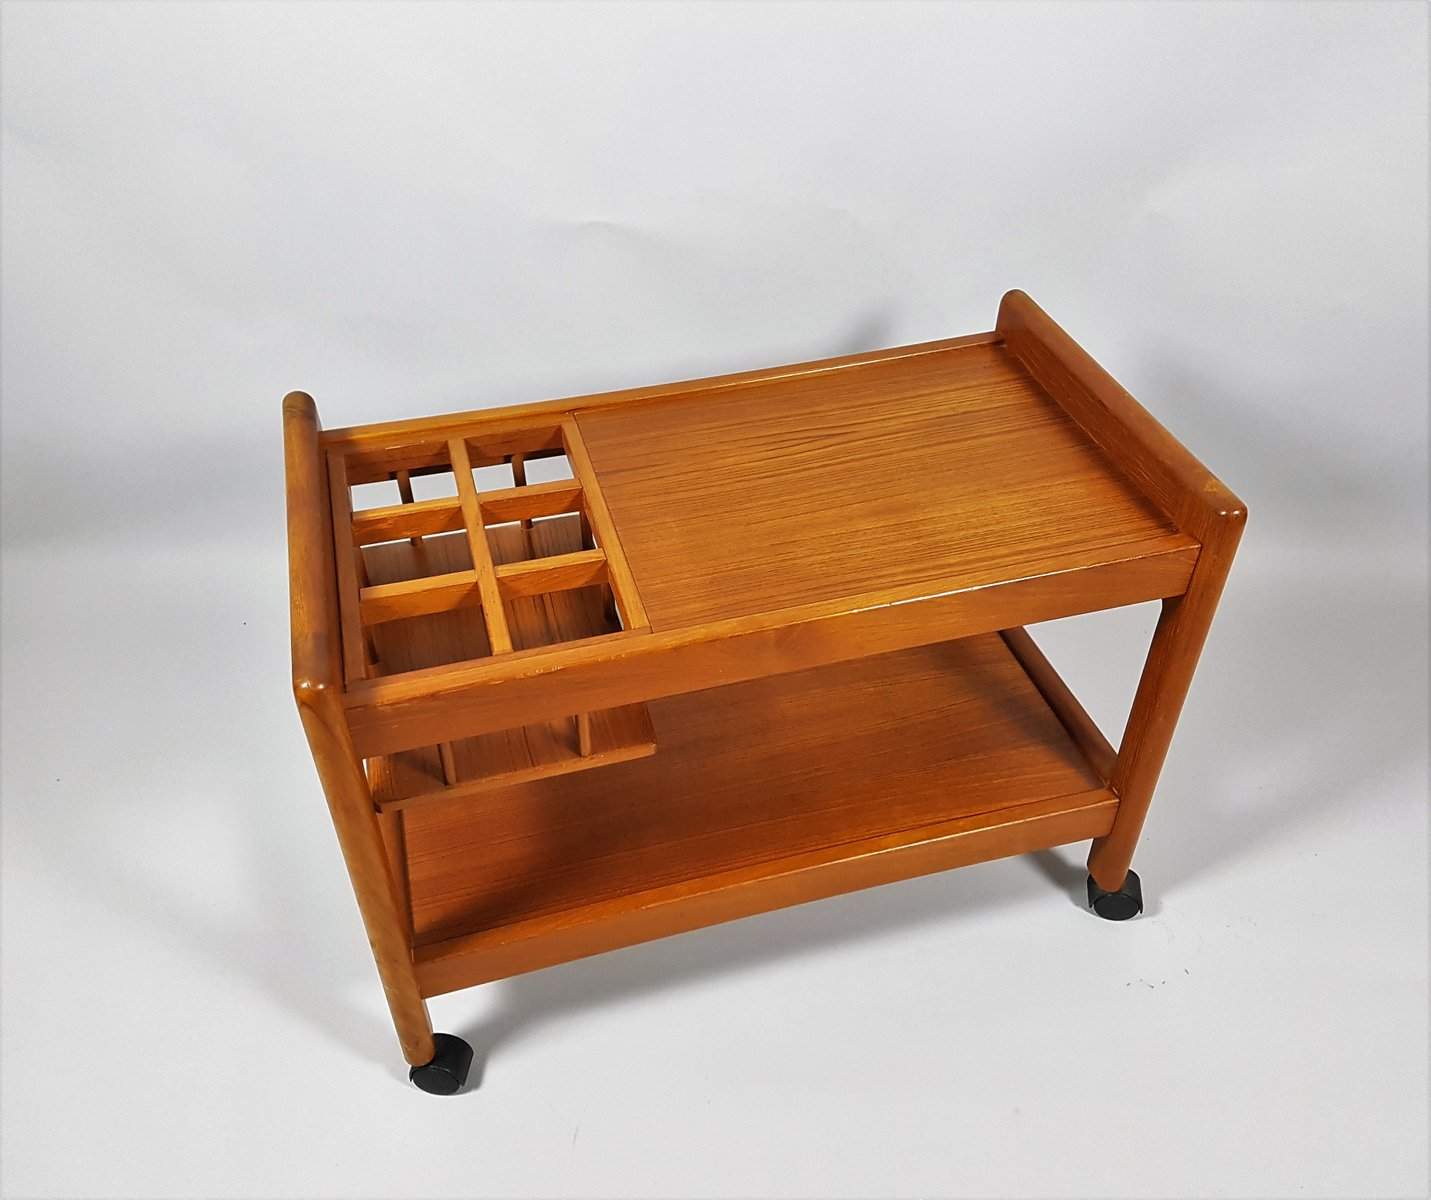 d nischer vintage servierwagen aus teak bei pamono kaufen. Black Bedroom Furniture Sets. Home Design Ideas